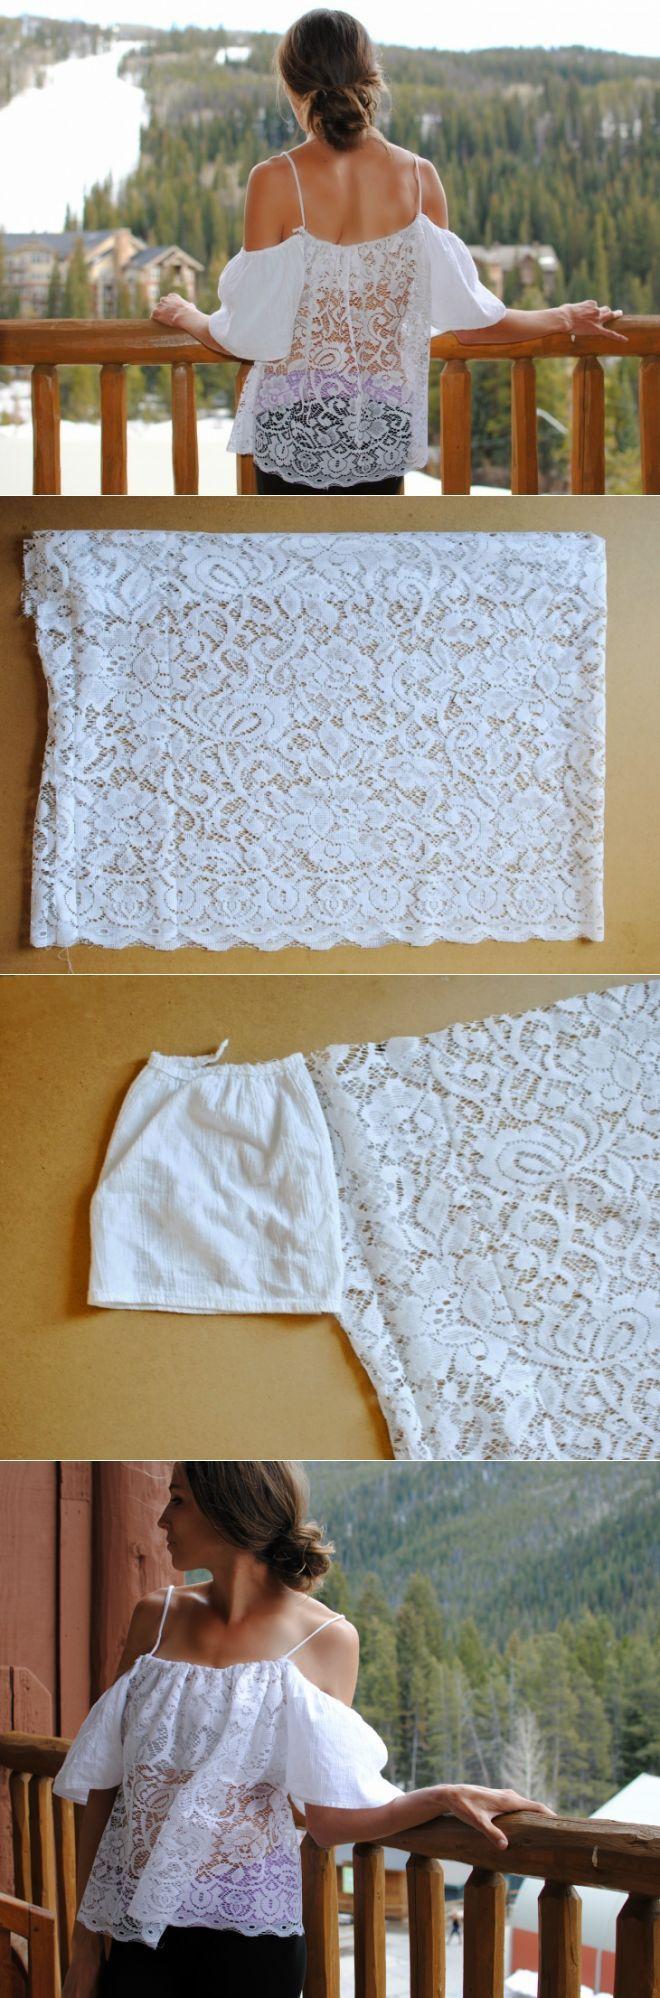 Блуза пейзанки (Diy) / Простые выкройки / Своими руками - выкройки, переделка одежды, декор интерьера своими руками - от ВТОРАЯ УЛИЦА #landscapediy